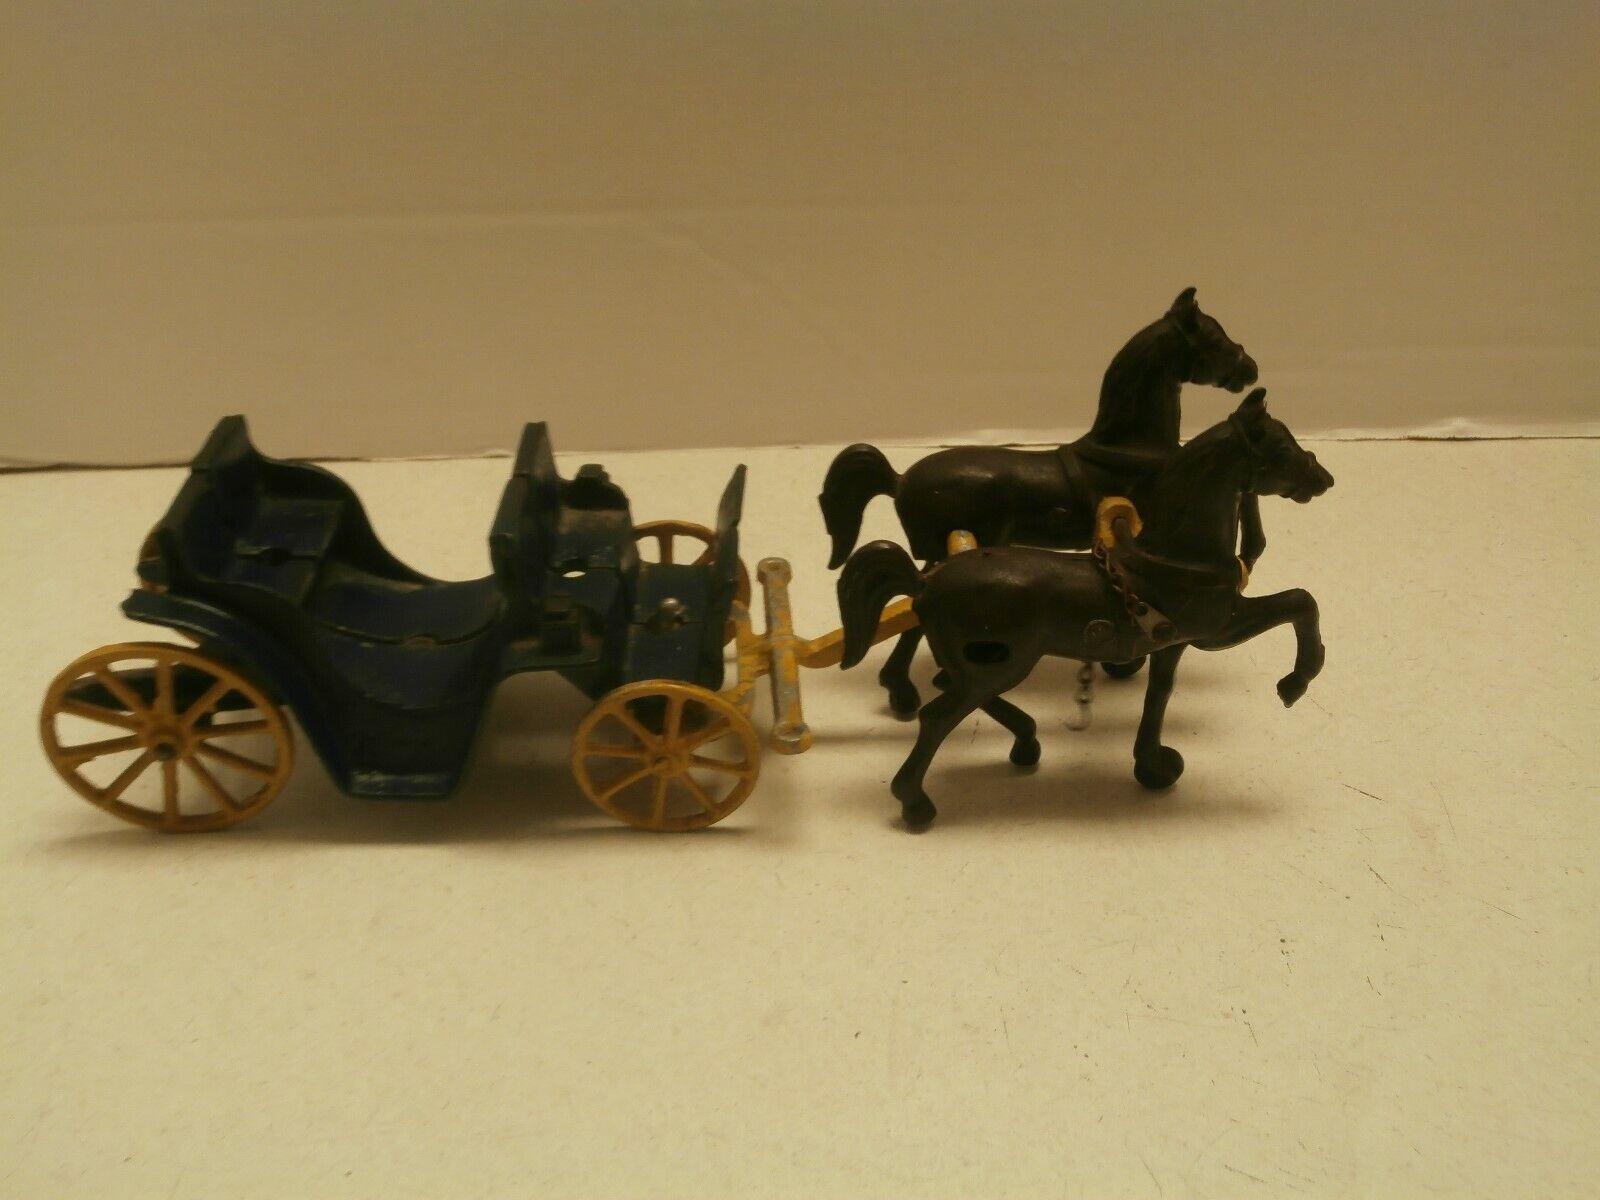 Original De Hierro Fundido Juguetes Stanley caballos y dibujado Vagón Plus Controlador